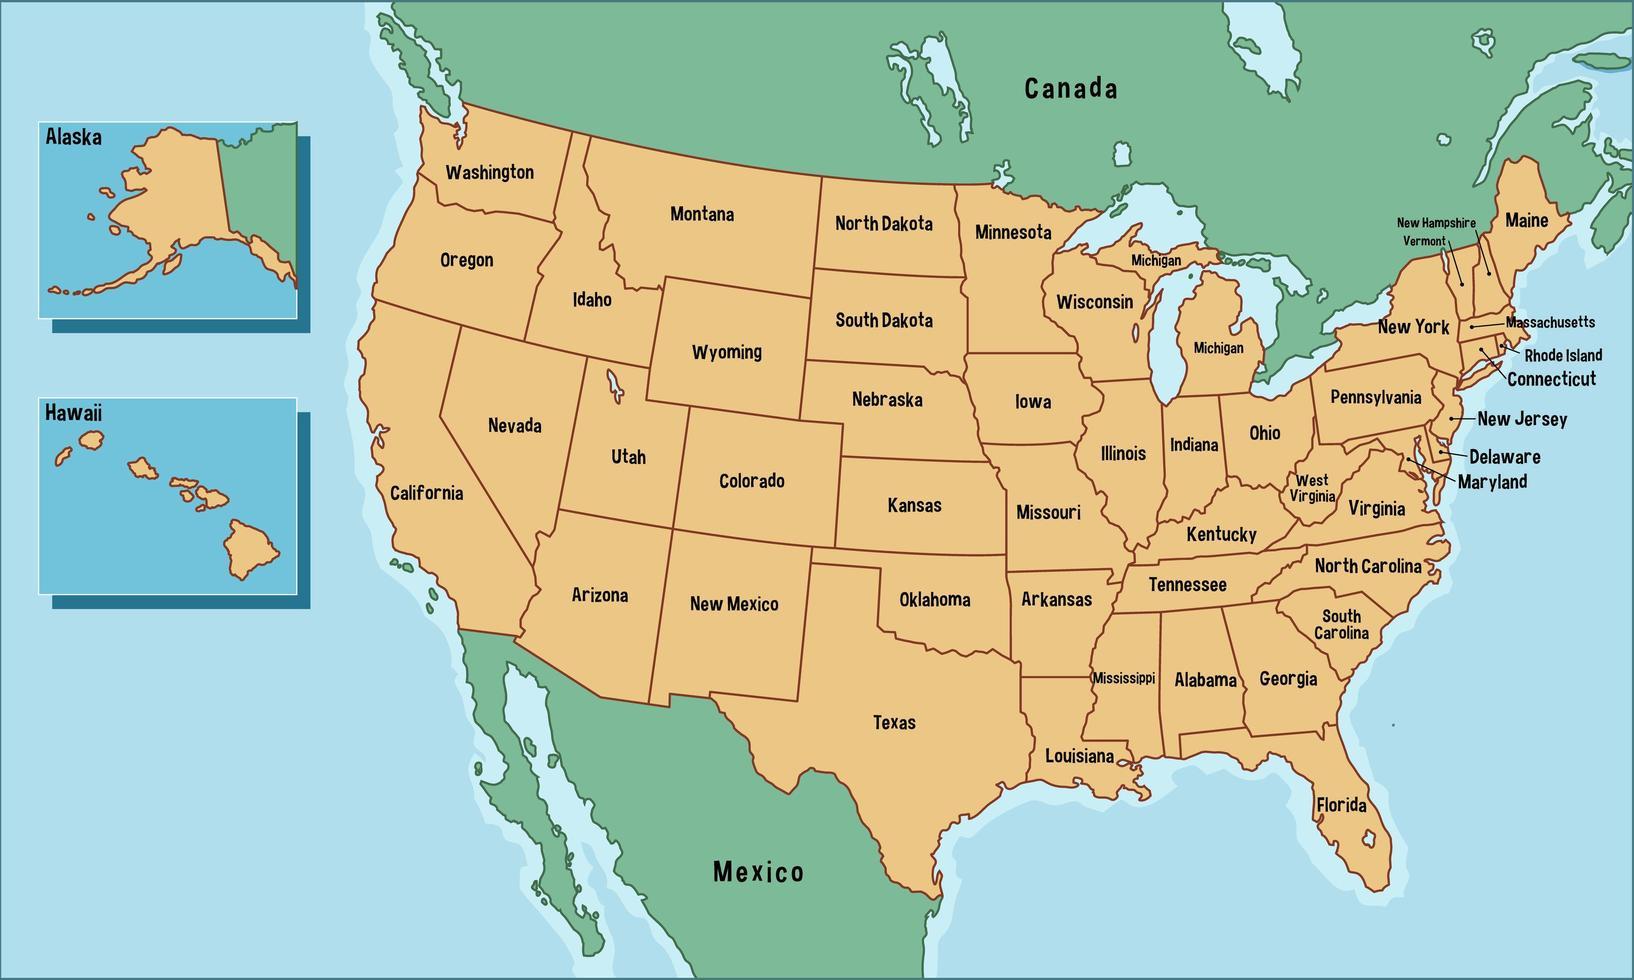 Karte Der Vereinigten Staaten Von Amerika Mit Namen Der Staaten Download Kostenlos Vector Clipart Graphics Vektorgrafiken Und Design Vorlagen